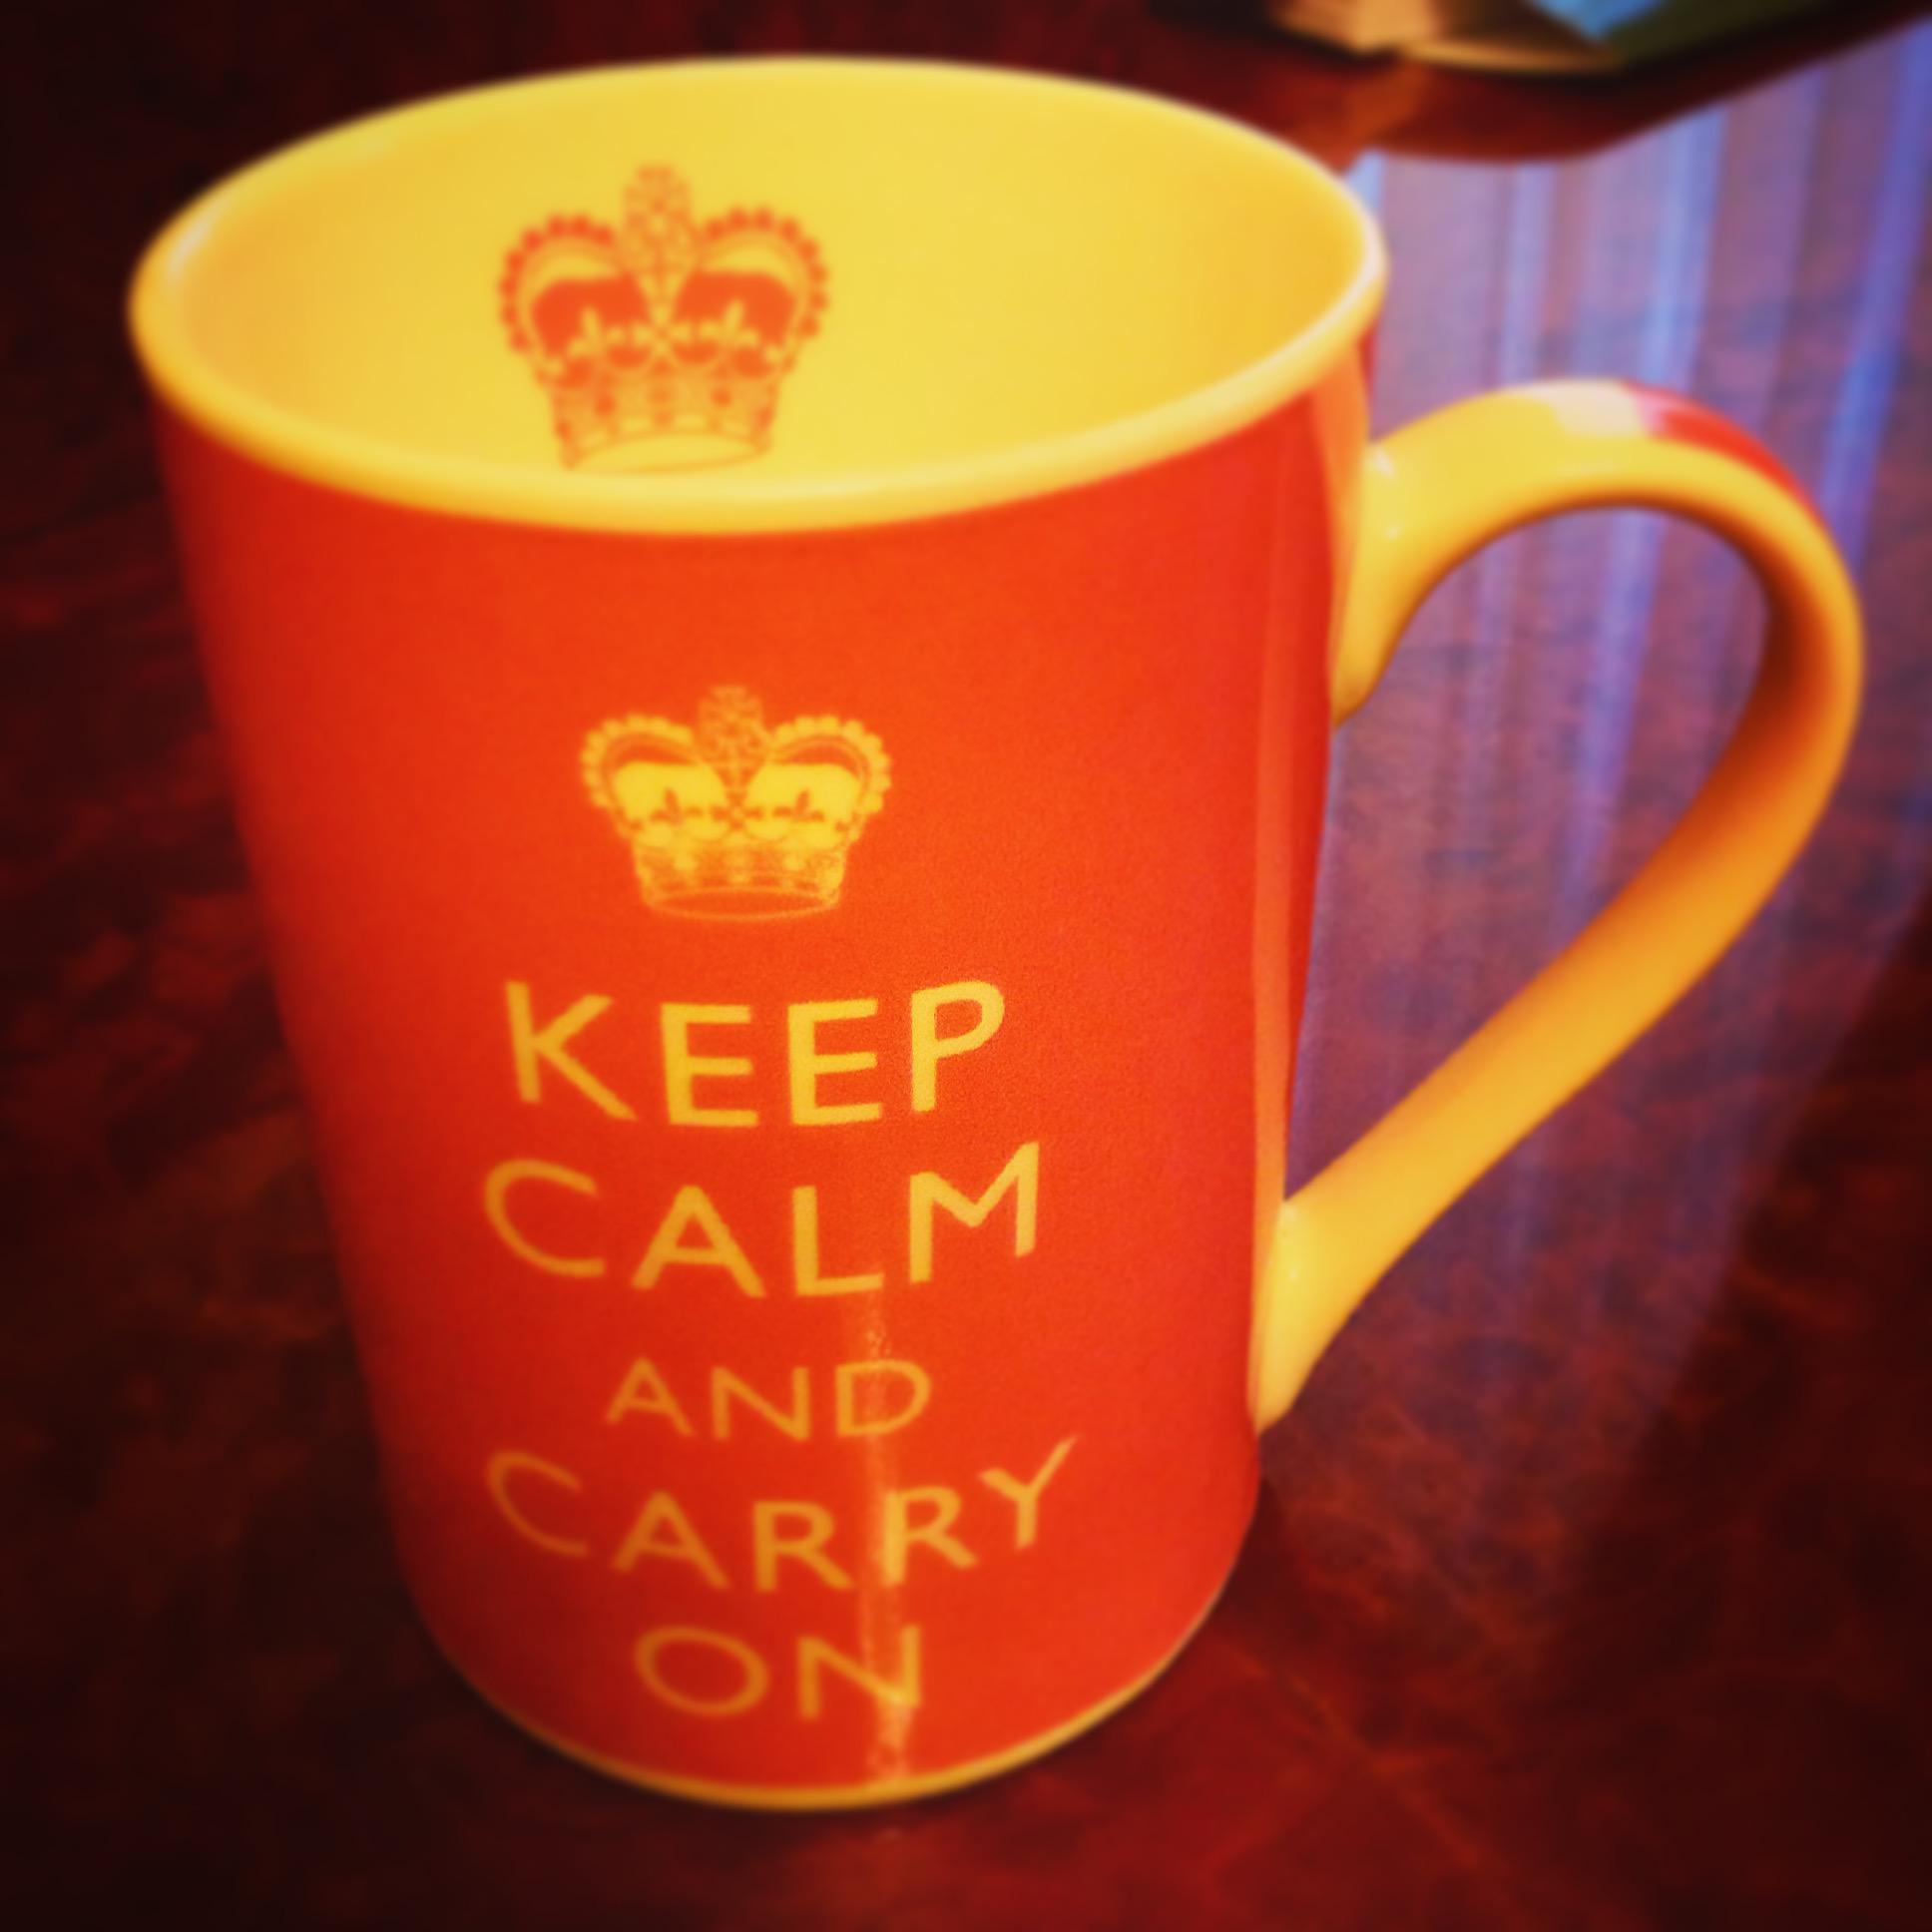 Чашка, которую Гонтаревой подарил муж, стоит у нее на столе